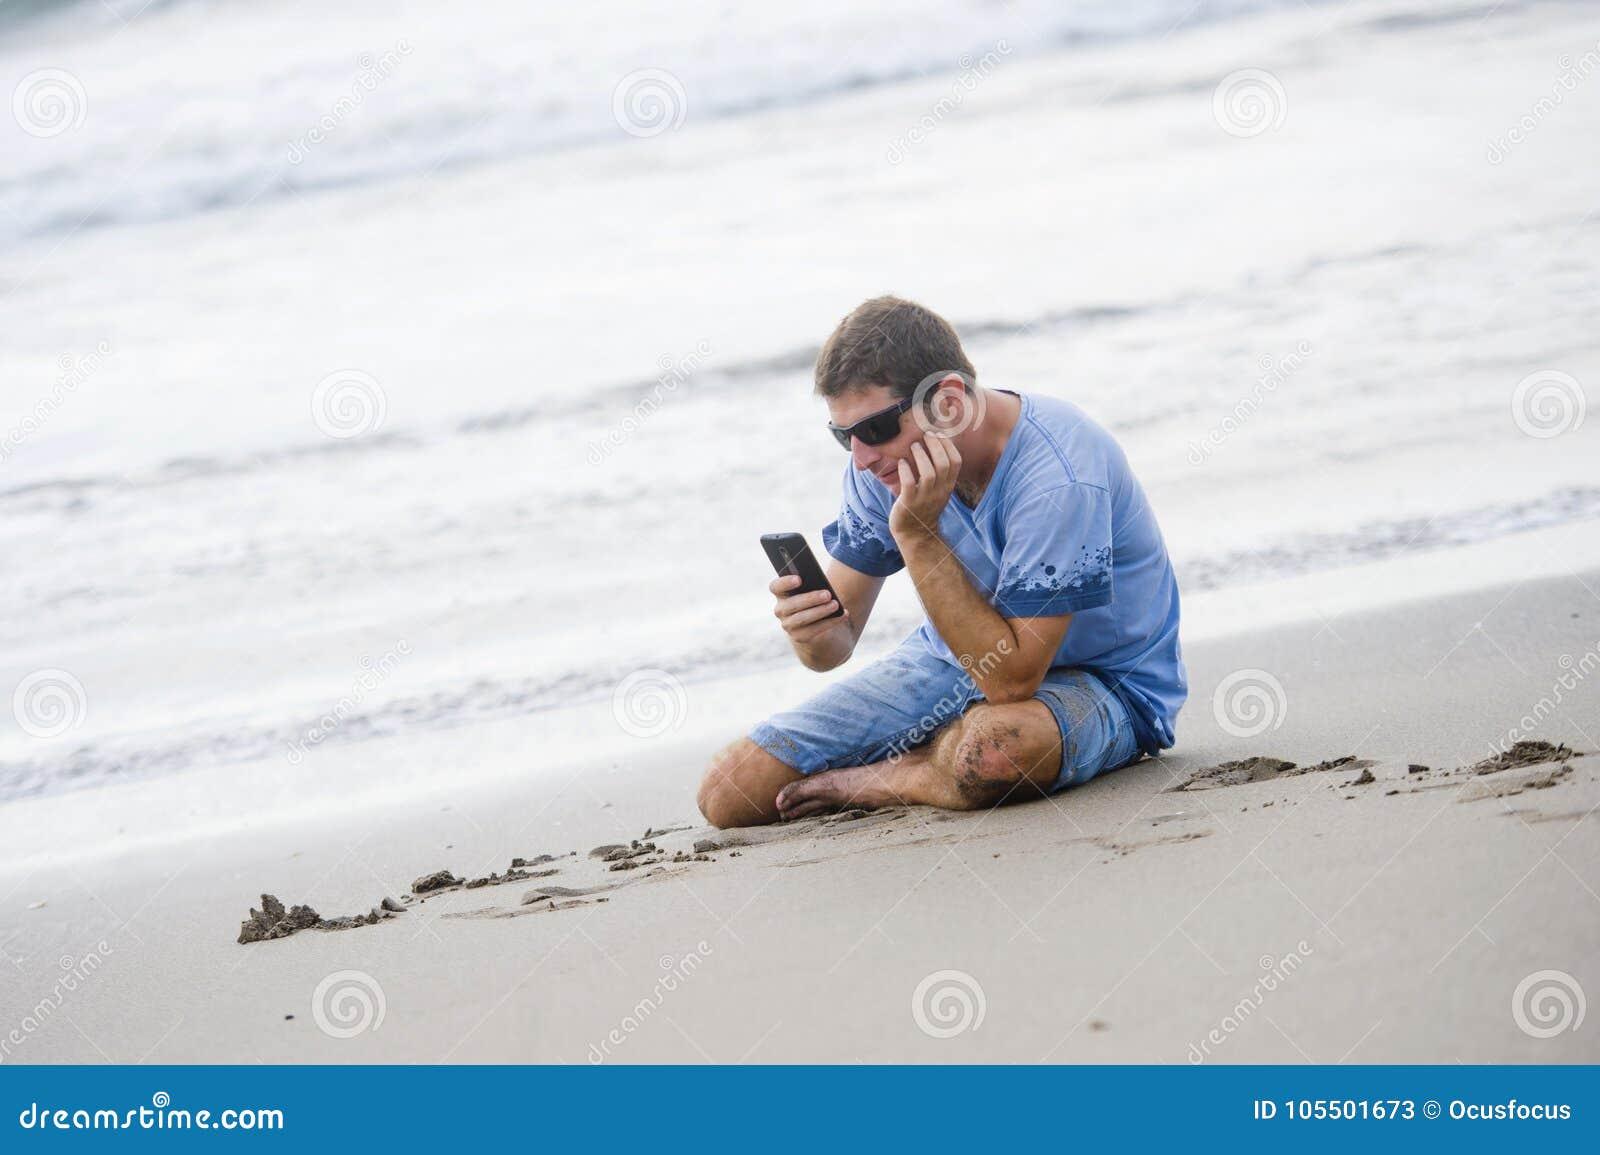 Attraktiv und gutaussehender Mann auf seinem 30s entspannte sich das Sitzen auf dem Sand auf dem Strand lachend vor dem Meer, das